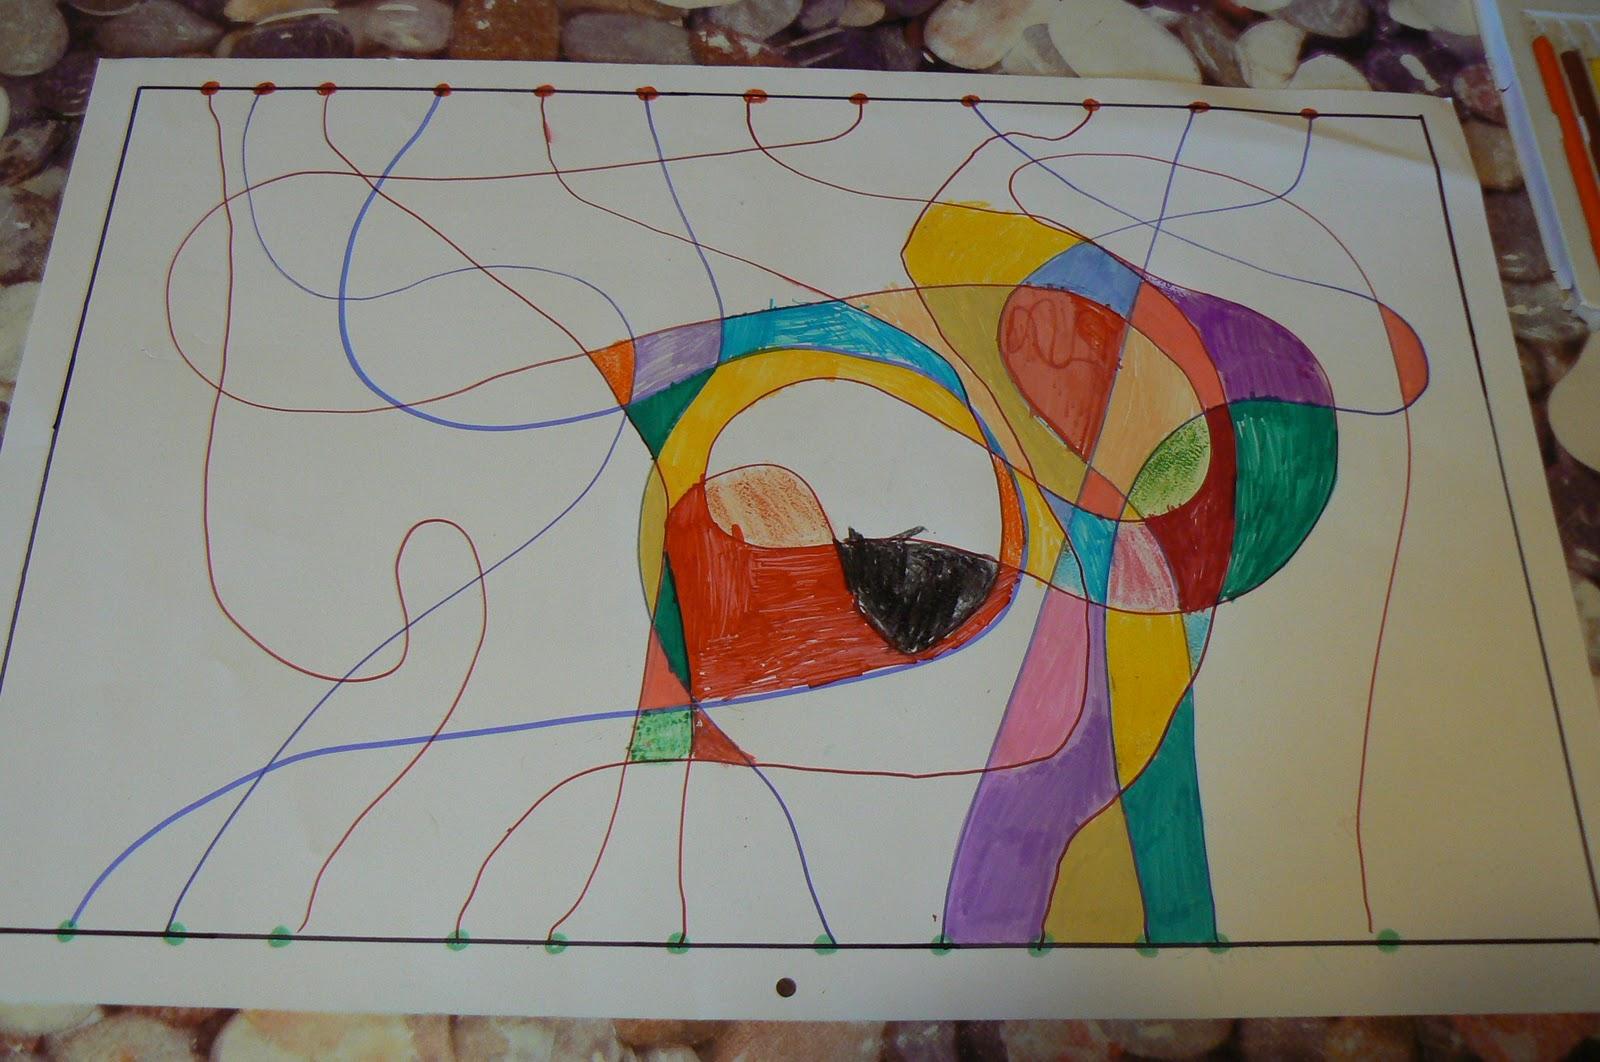 Orca Observar Recordar Crecer Y Aprender Libreta De Dibujo: Orca: Observar, Recordar, Crecer Y Aprender: Dibujo Compartido